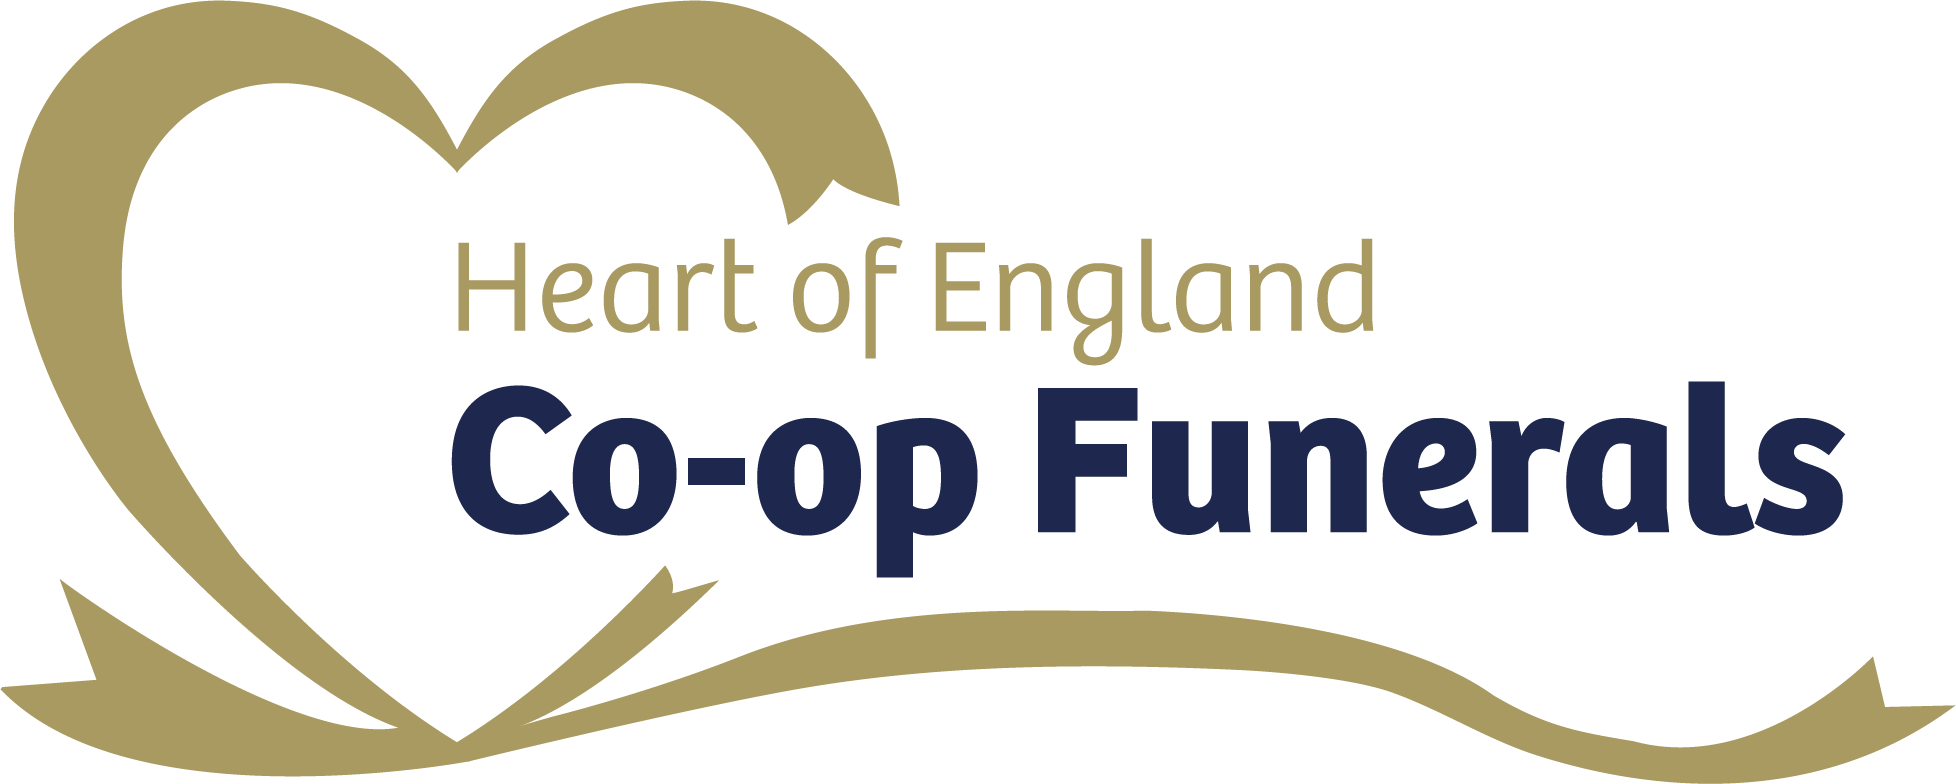 Heart of England Co-op Funerals